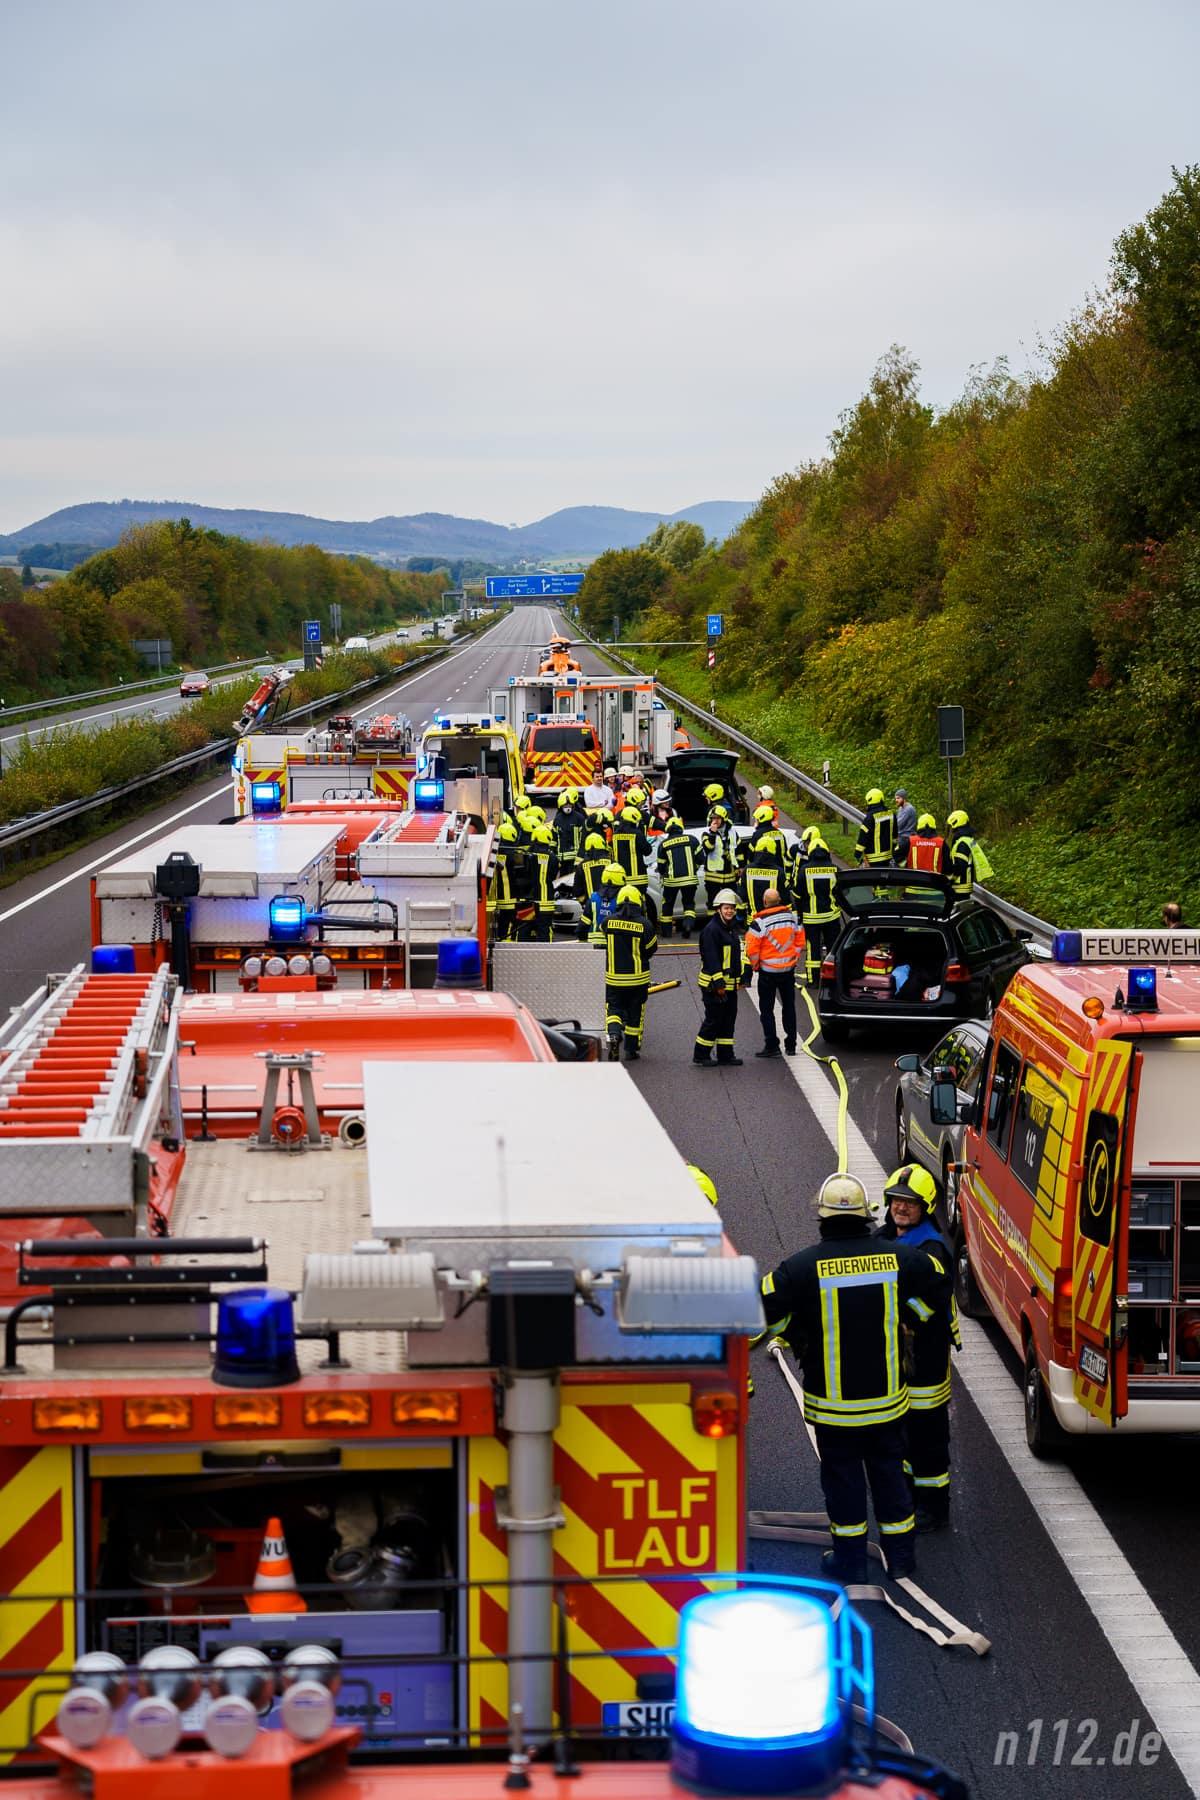 Wie eine Wagenburg: Feuerwehrautos schützen die Helfer vor dem Verkehr (Foto: n112.de/Stefan Simonsen)